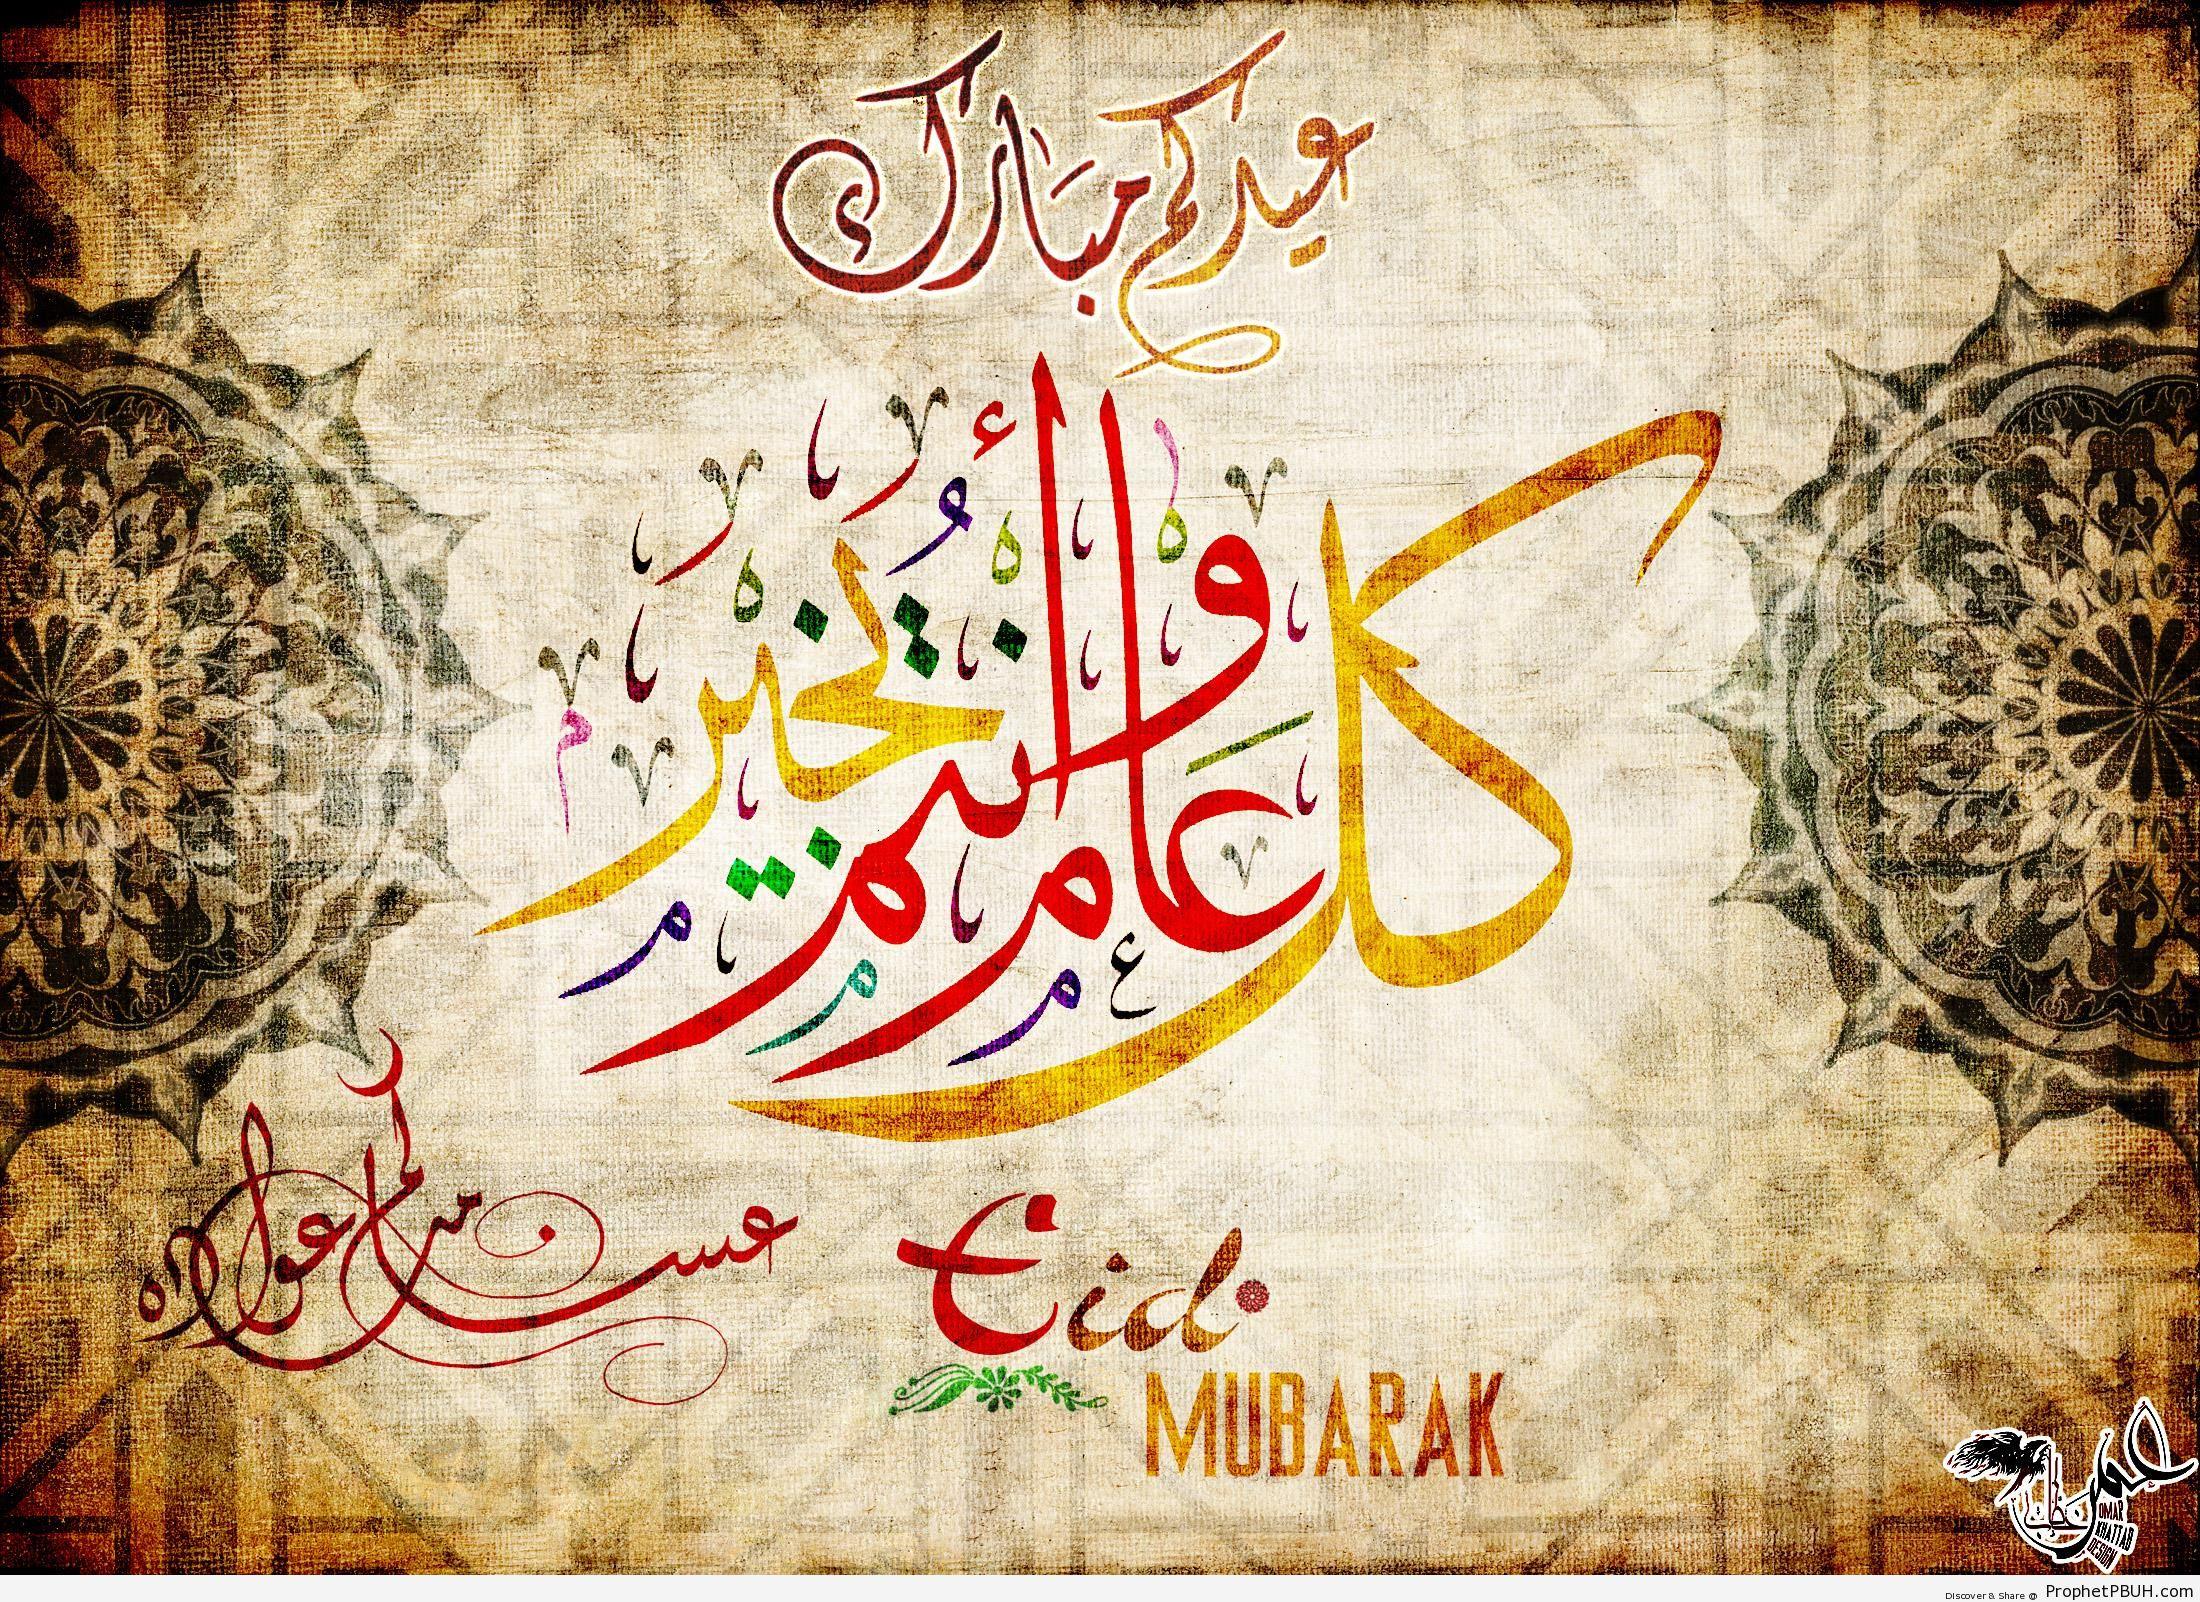 Поздравления на арабском 71